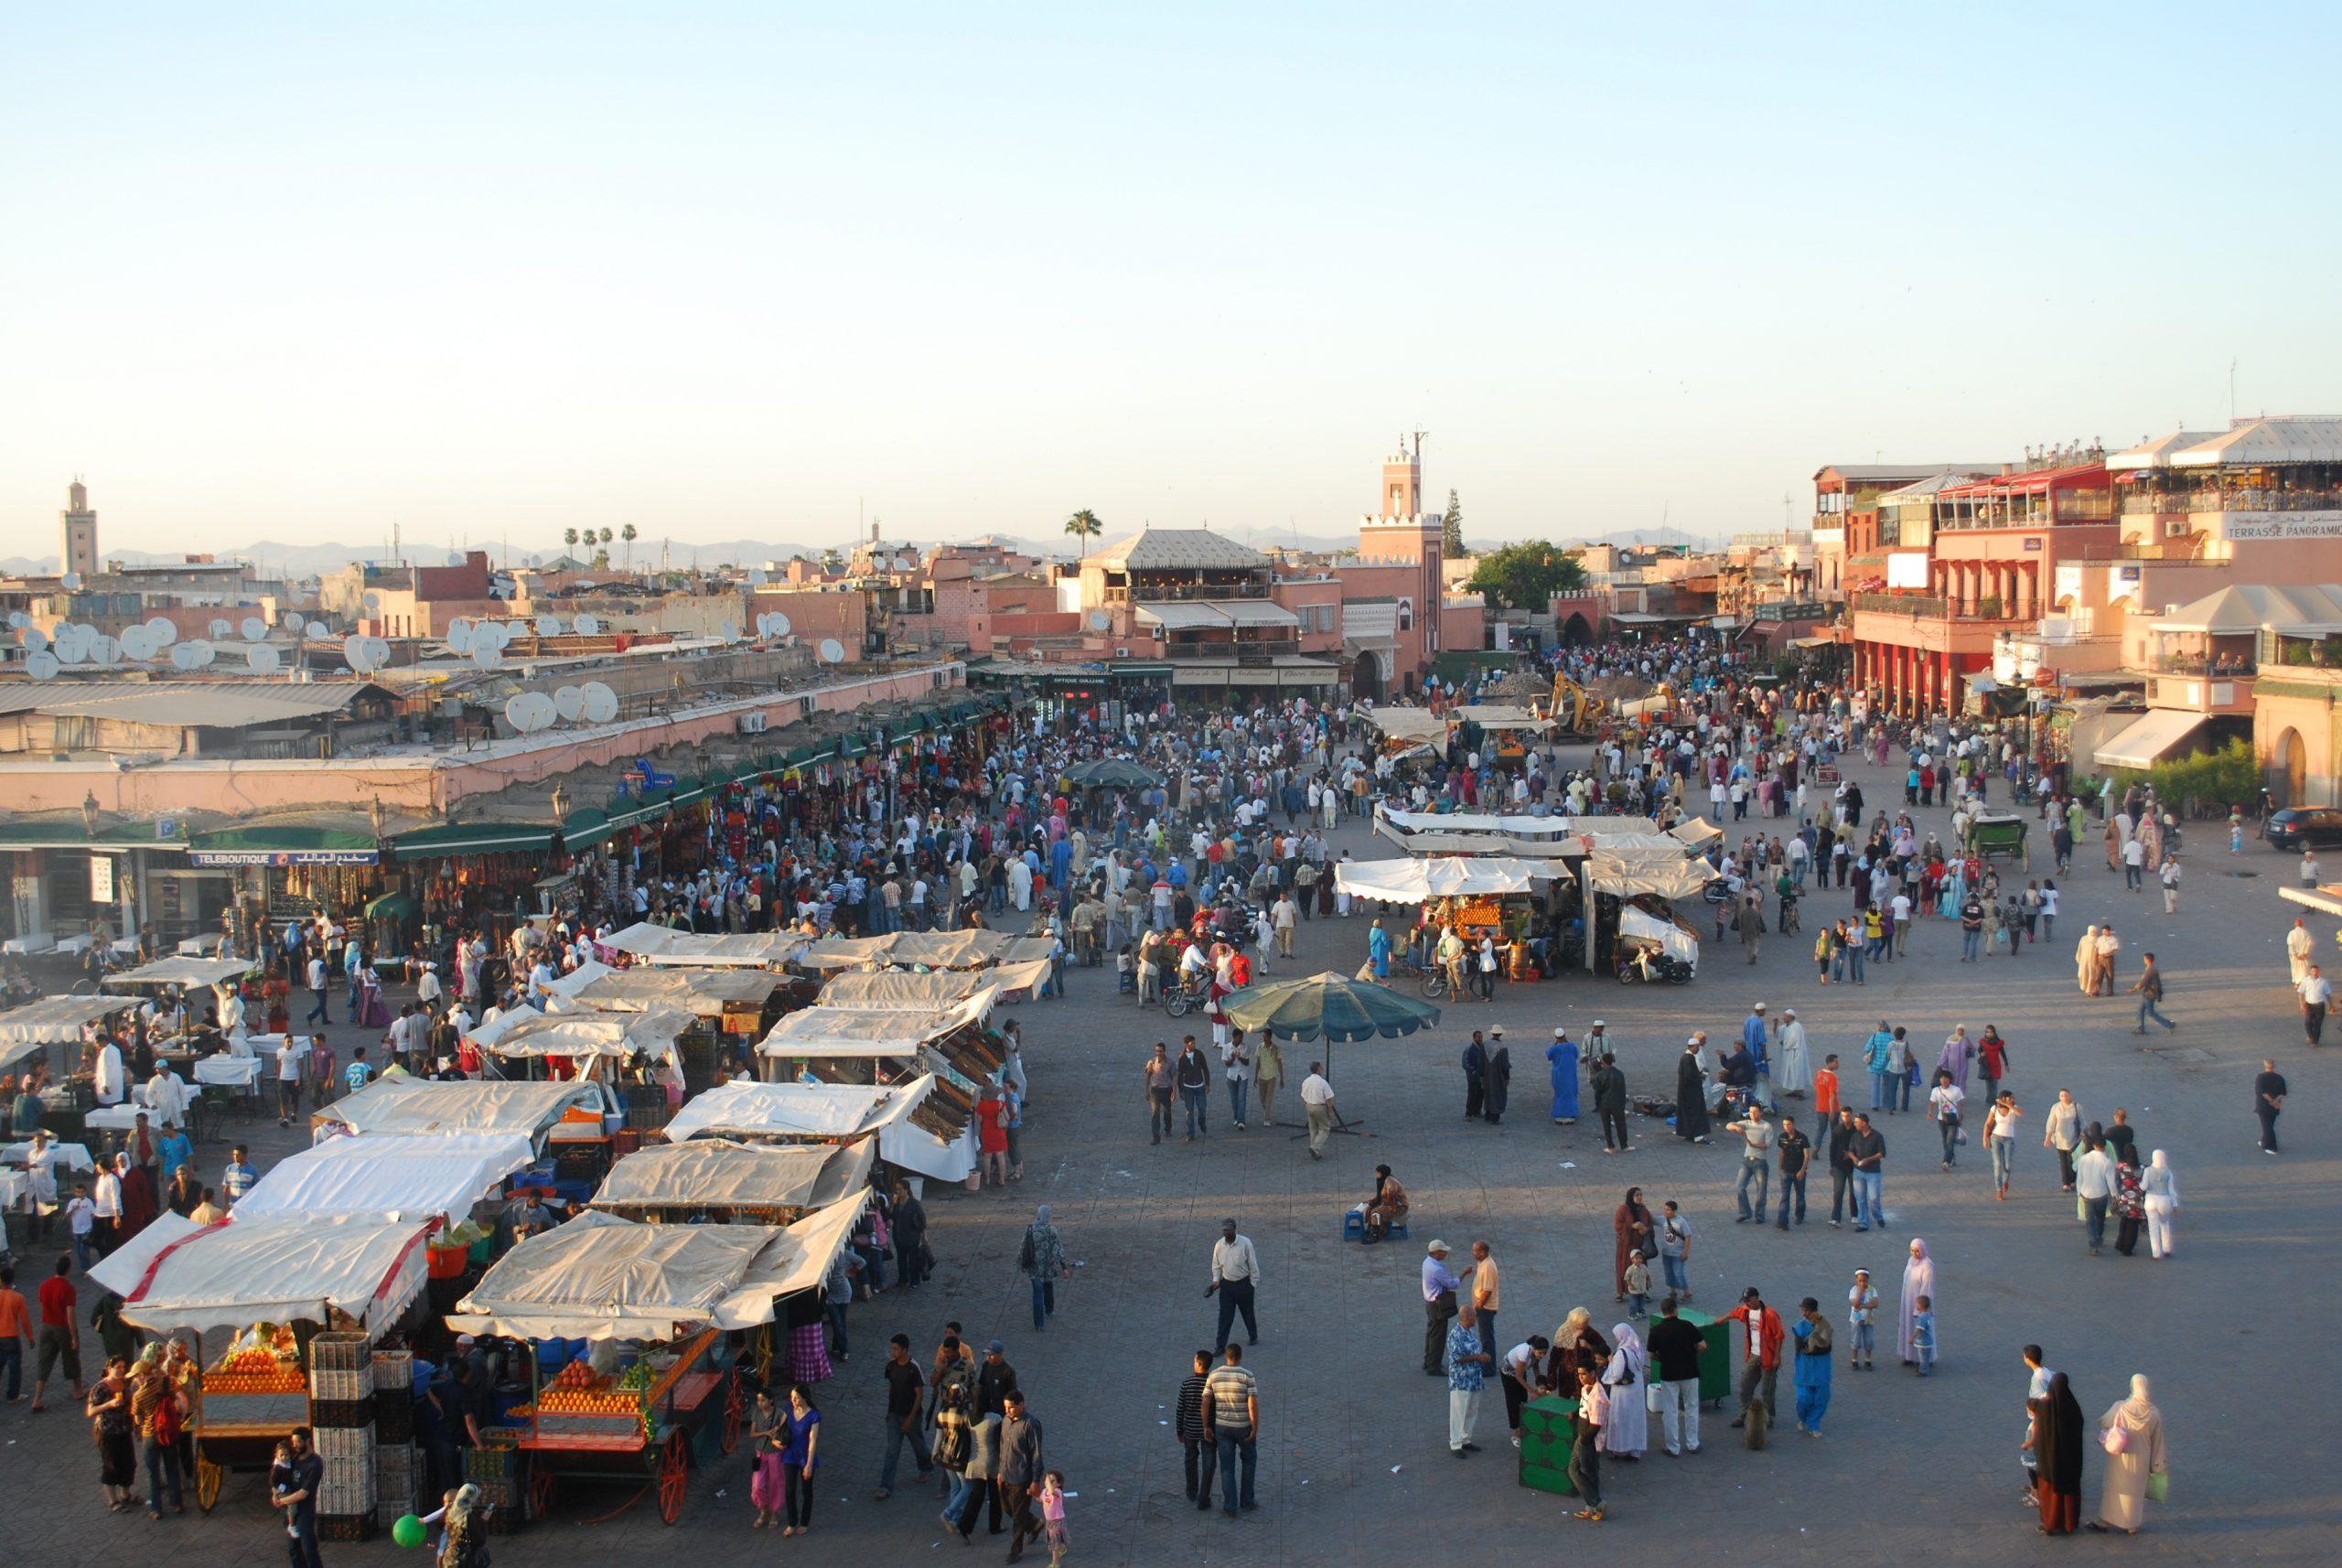 Mange tusinde europæiske turister er strandet i Marokko efter landet lukkede for flyvninger som følge af coronafrygt. Arkivfoto fra medinaen i Marrakesh.